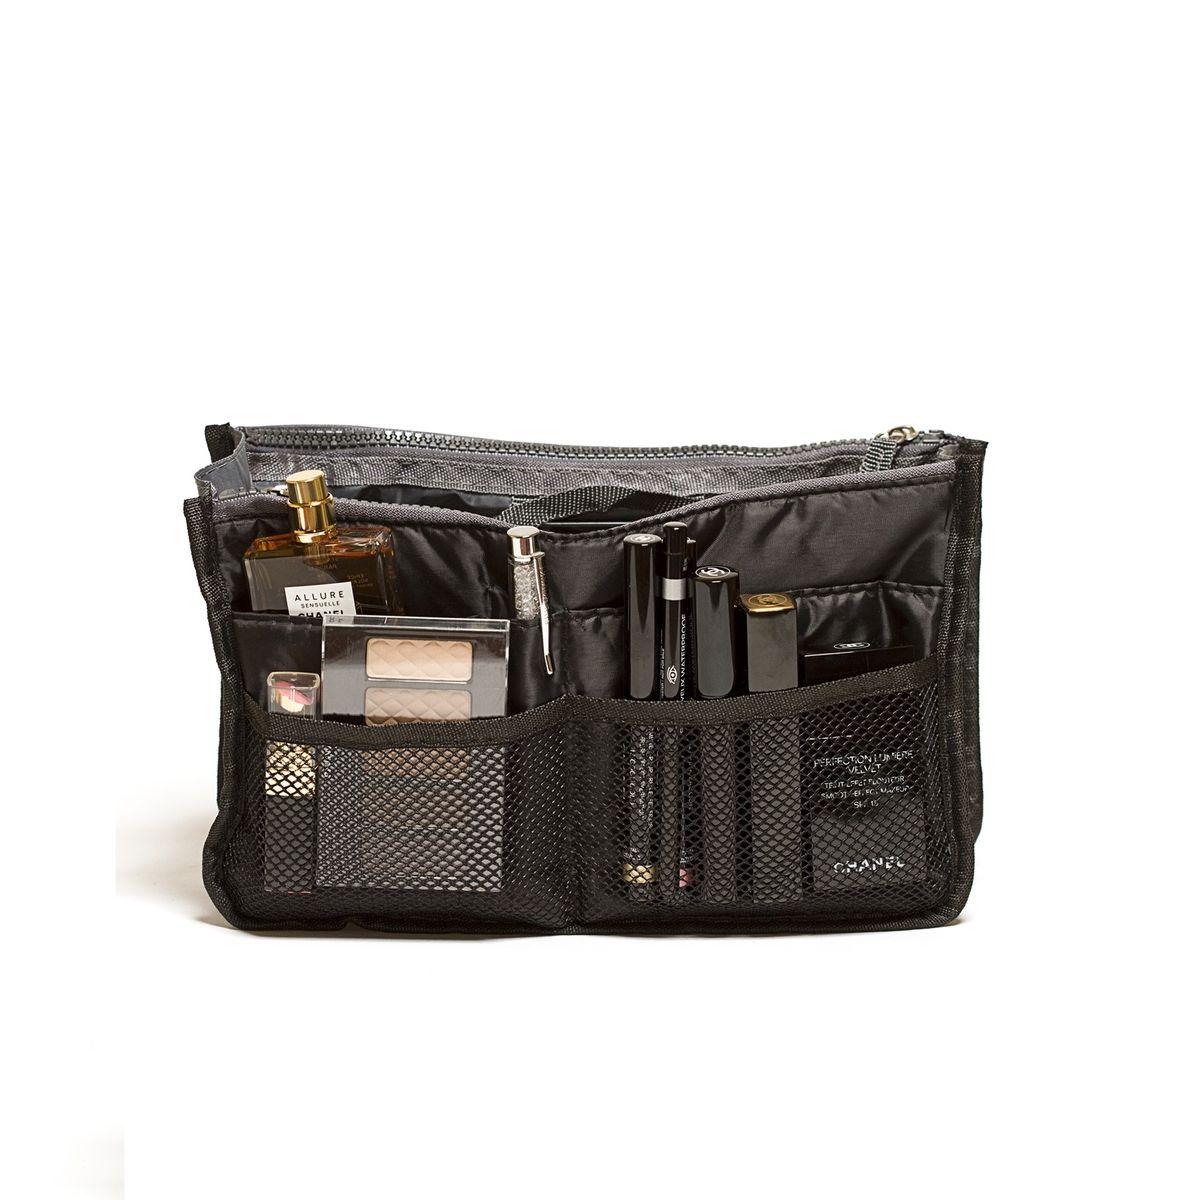 Органайзер для сумки Homsu, цвет: черный, 28 x 8 x 16 смHOM-140Органайзер для сумки Homsu выполнен из полиэстера. Этот органайзер благодаря трем вместительным отделениям для вещей, четырем кармашкам по бокам и шести кармашкам в виде сетки обеспечит полный порядок в вашей сумке. Кроме того, изделие обладает интересным стилем, выполнено в сером цвете и оснащено двумя крепкими ручками, что позволяет применять его и вне сумки, как отдельный аксессуар.